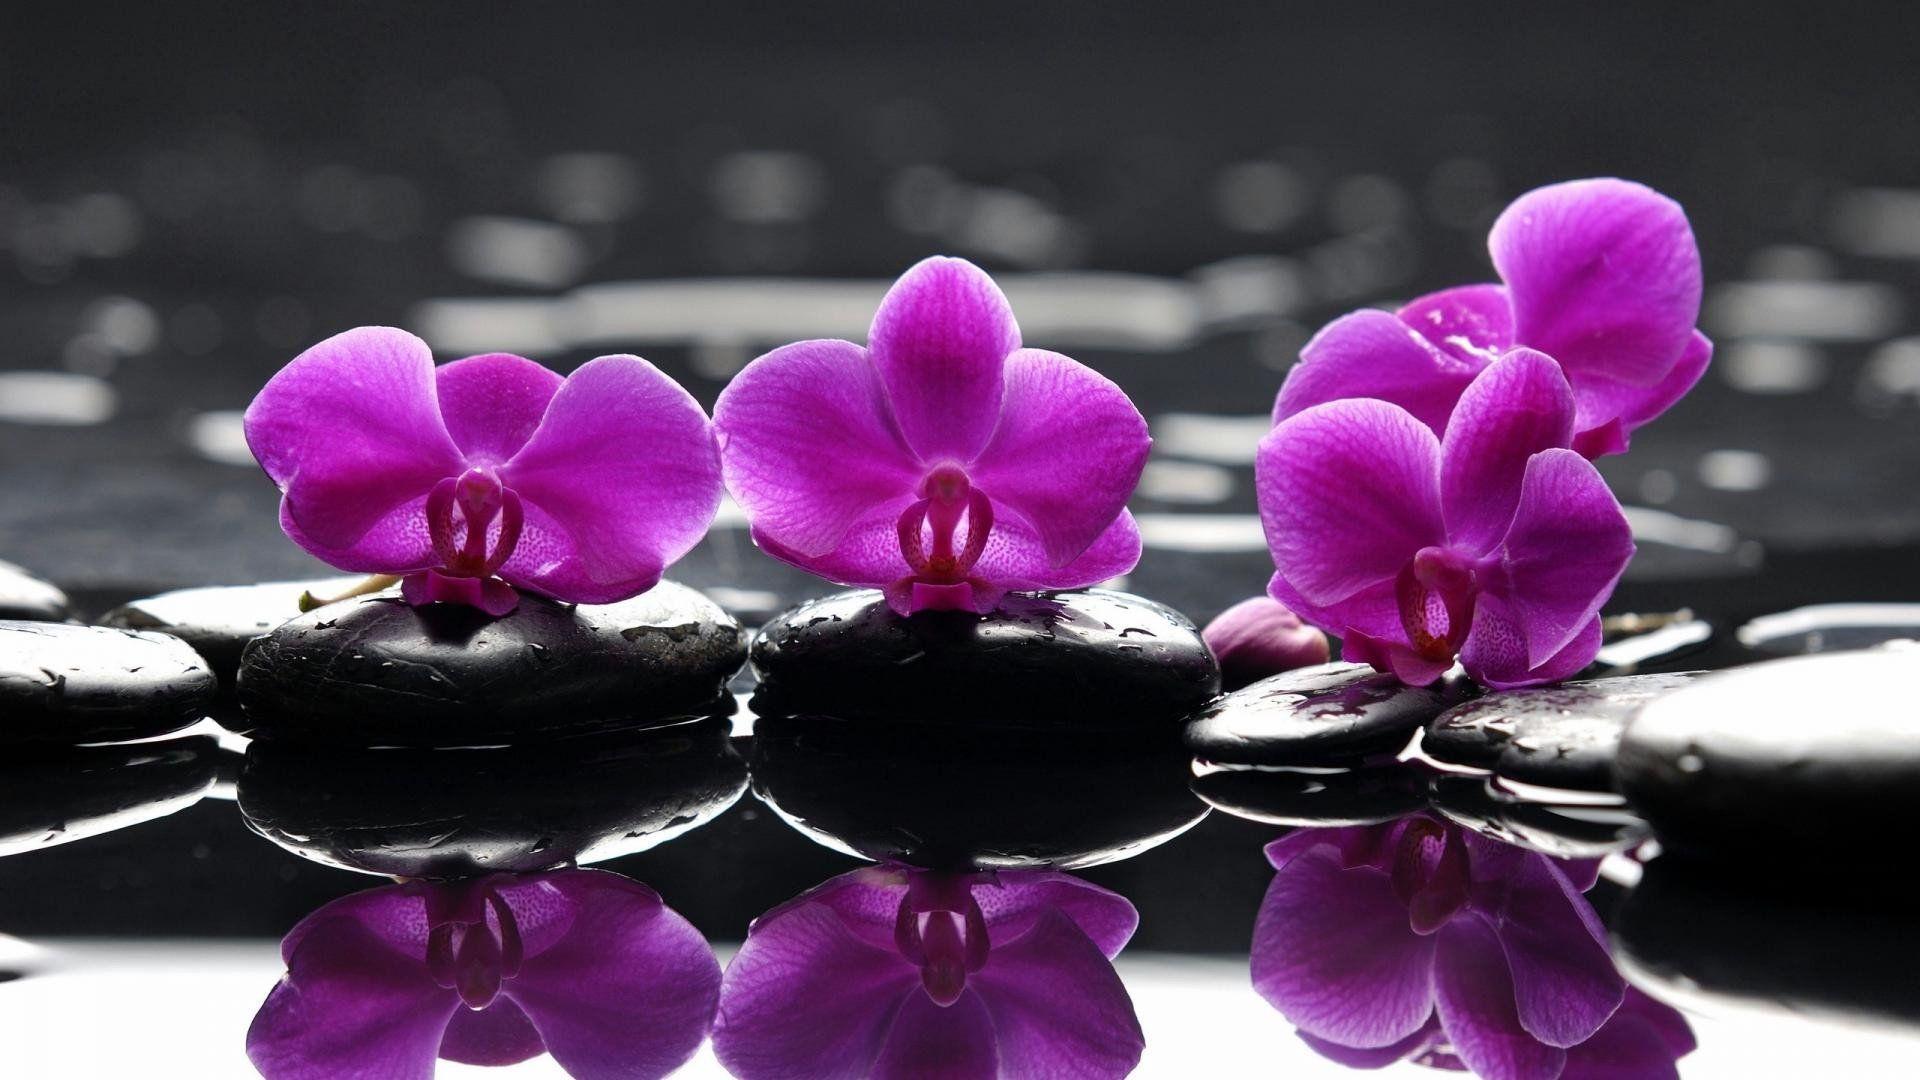 Orchids in Water Desktop Wallpapers ...